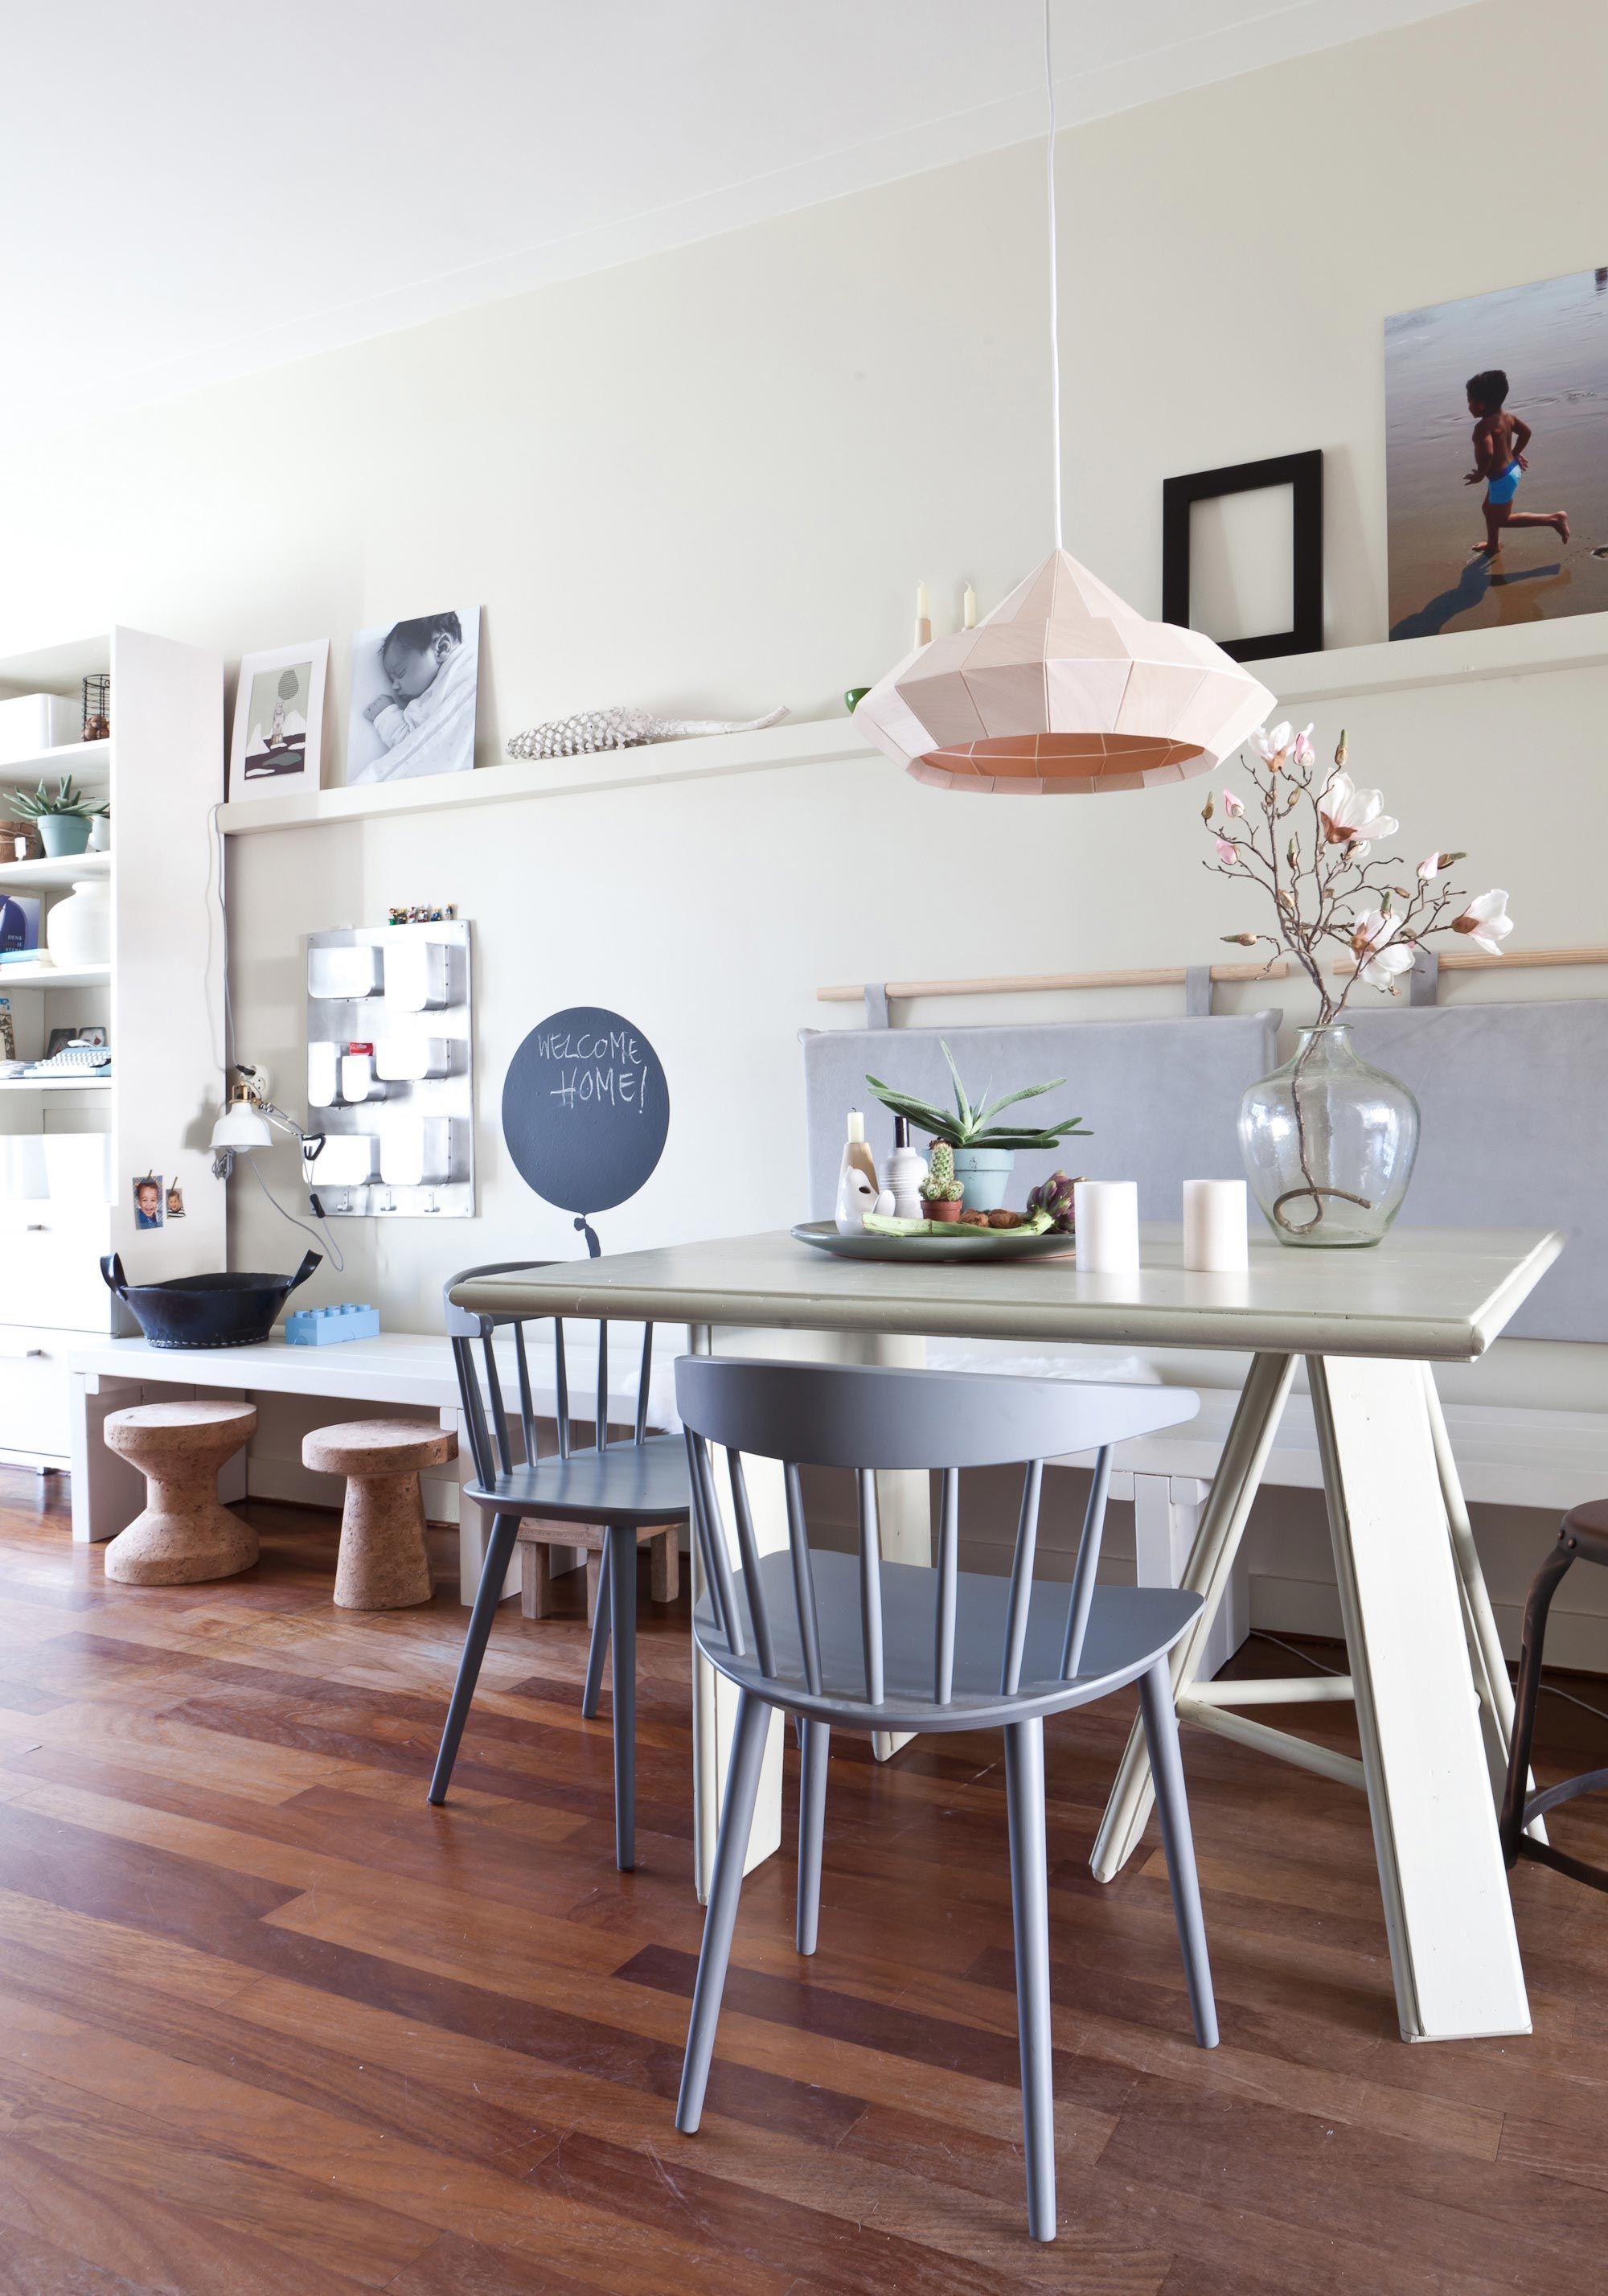 In aflevering 9 van het nieuwe seizoen zorgt styliste Fietje Bruijn er voor dat Mealynn en Maarten weer verliefd worden op hun huis #vtwonen #programma #sbs6 interior #styling #livingroom #weerverliefdopjehuis #diningtable #decoration